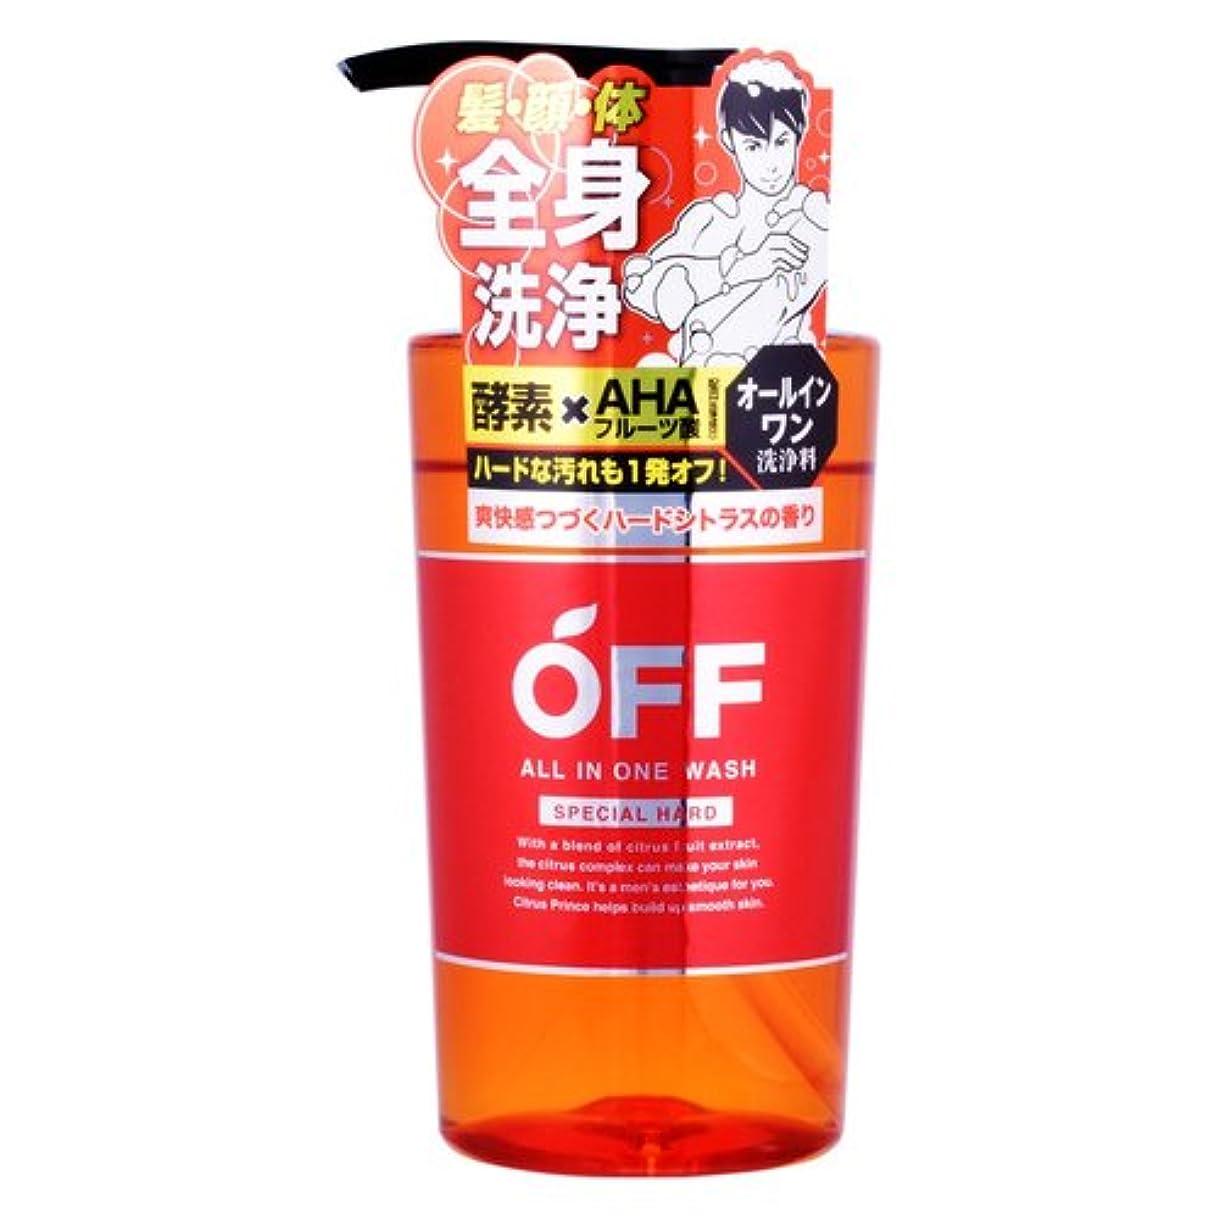 洗う好意的具体的に柑橘王子 オールインワンウォッシュハード 360mL